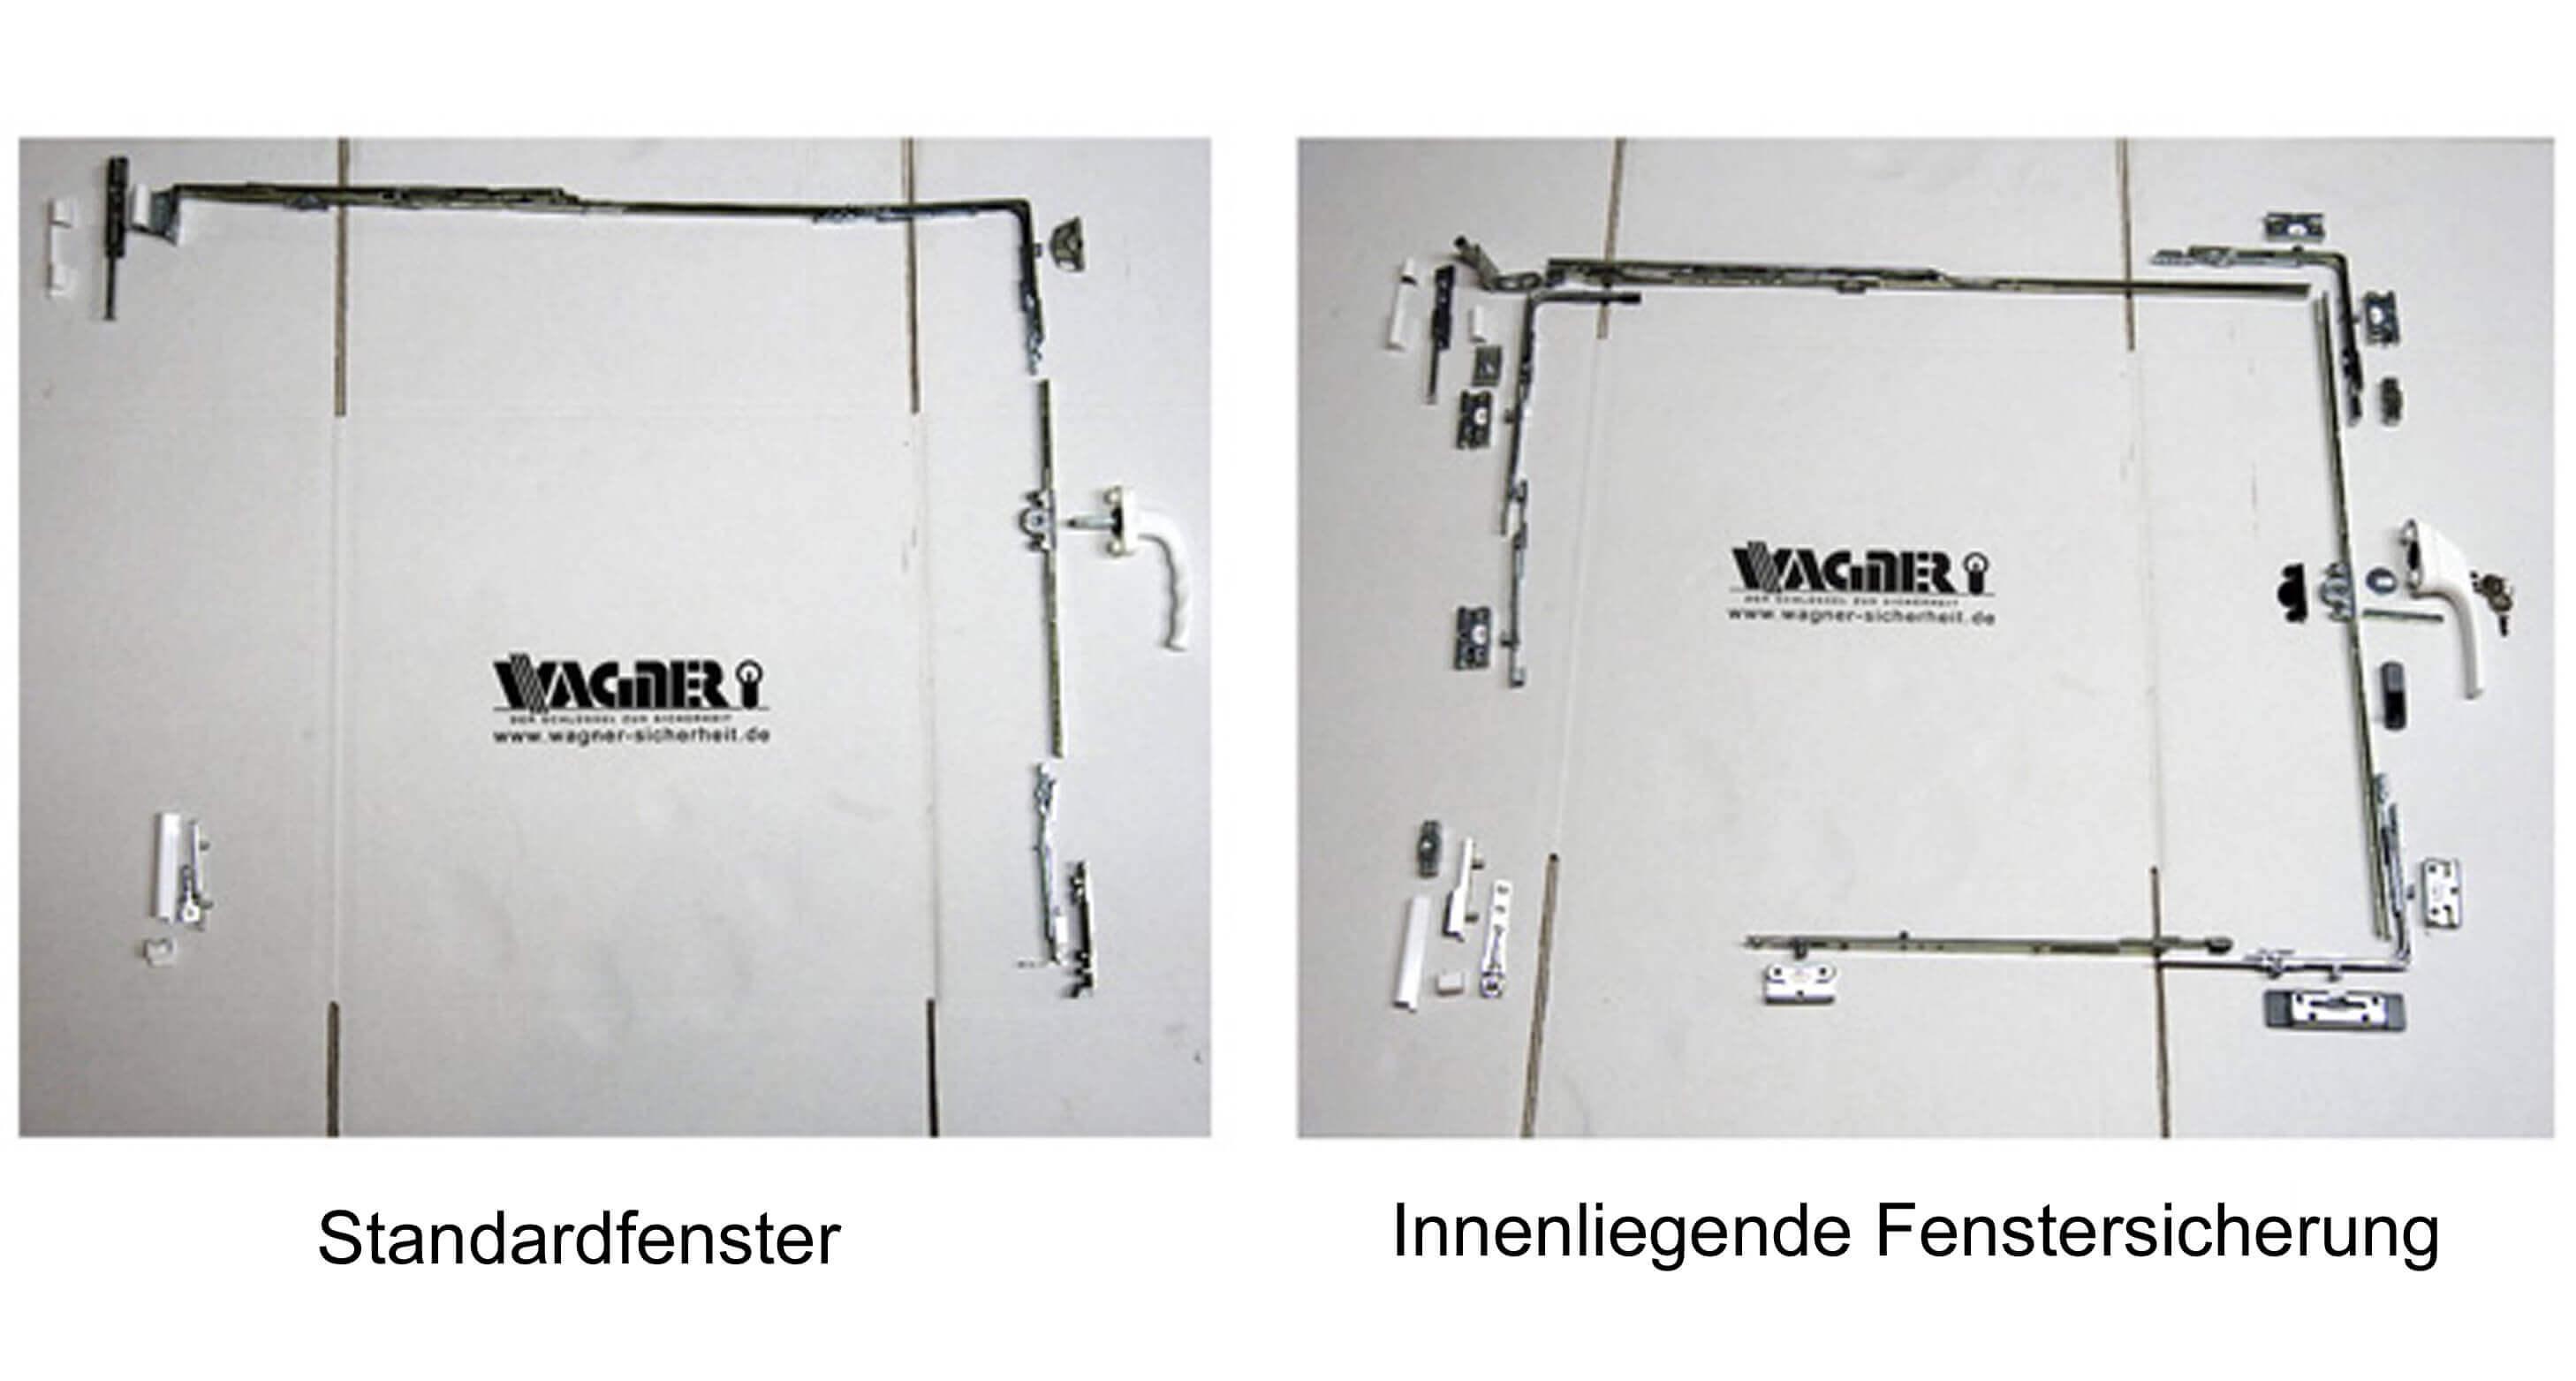 Fensterabsicherung, Einbruchschutz, innenliegende Fensterabsicherung, Vergleich zwischen Standart und sicherem Fenster